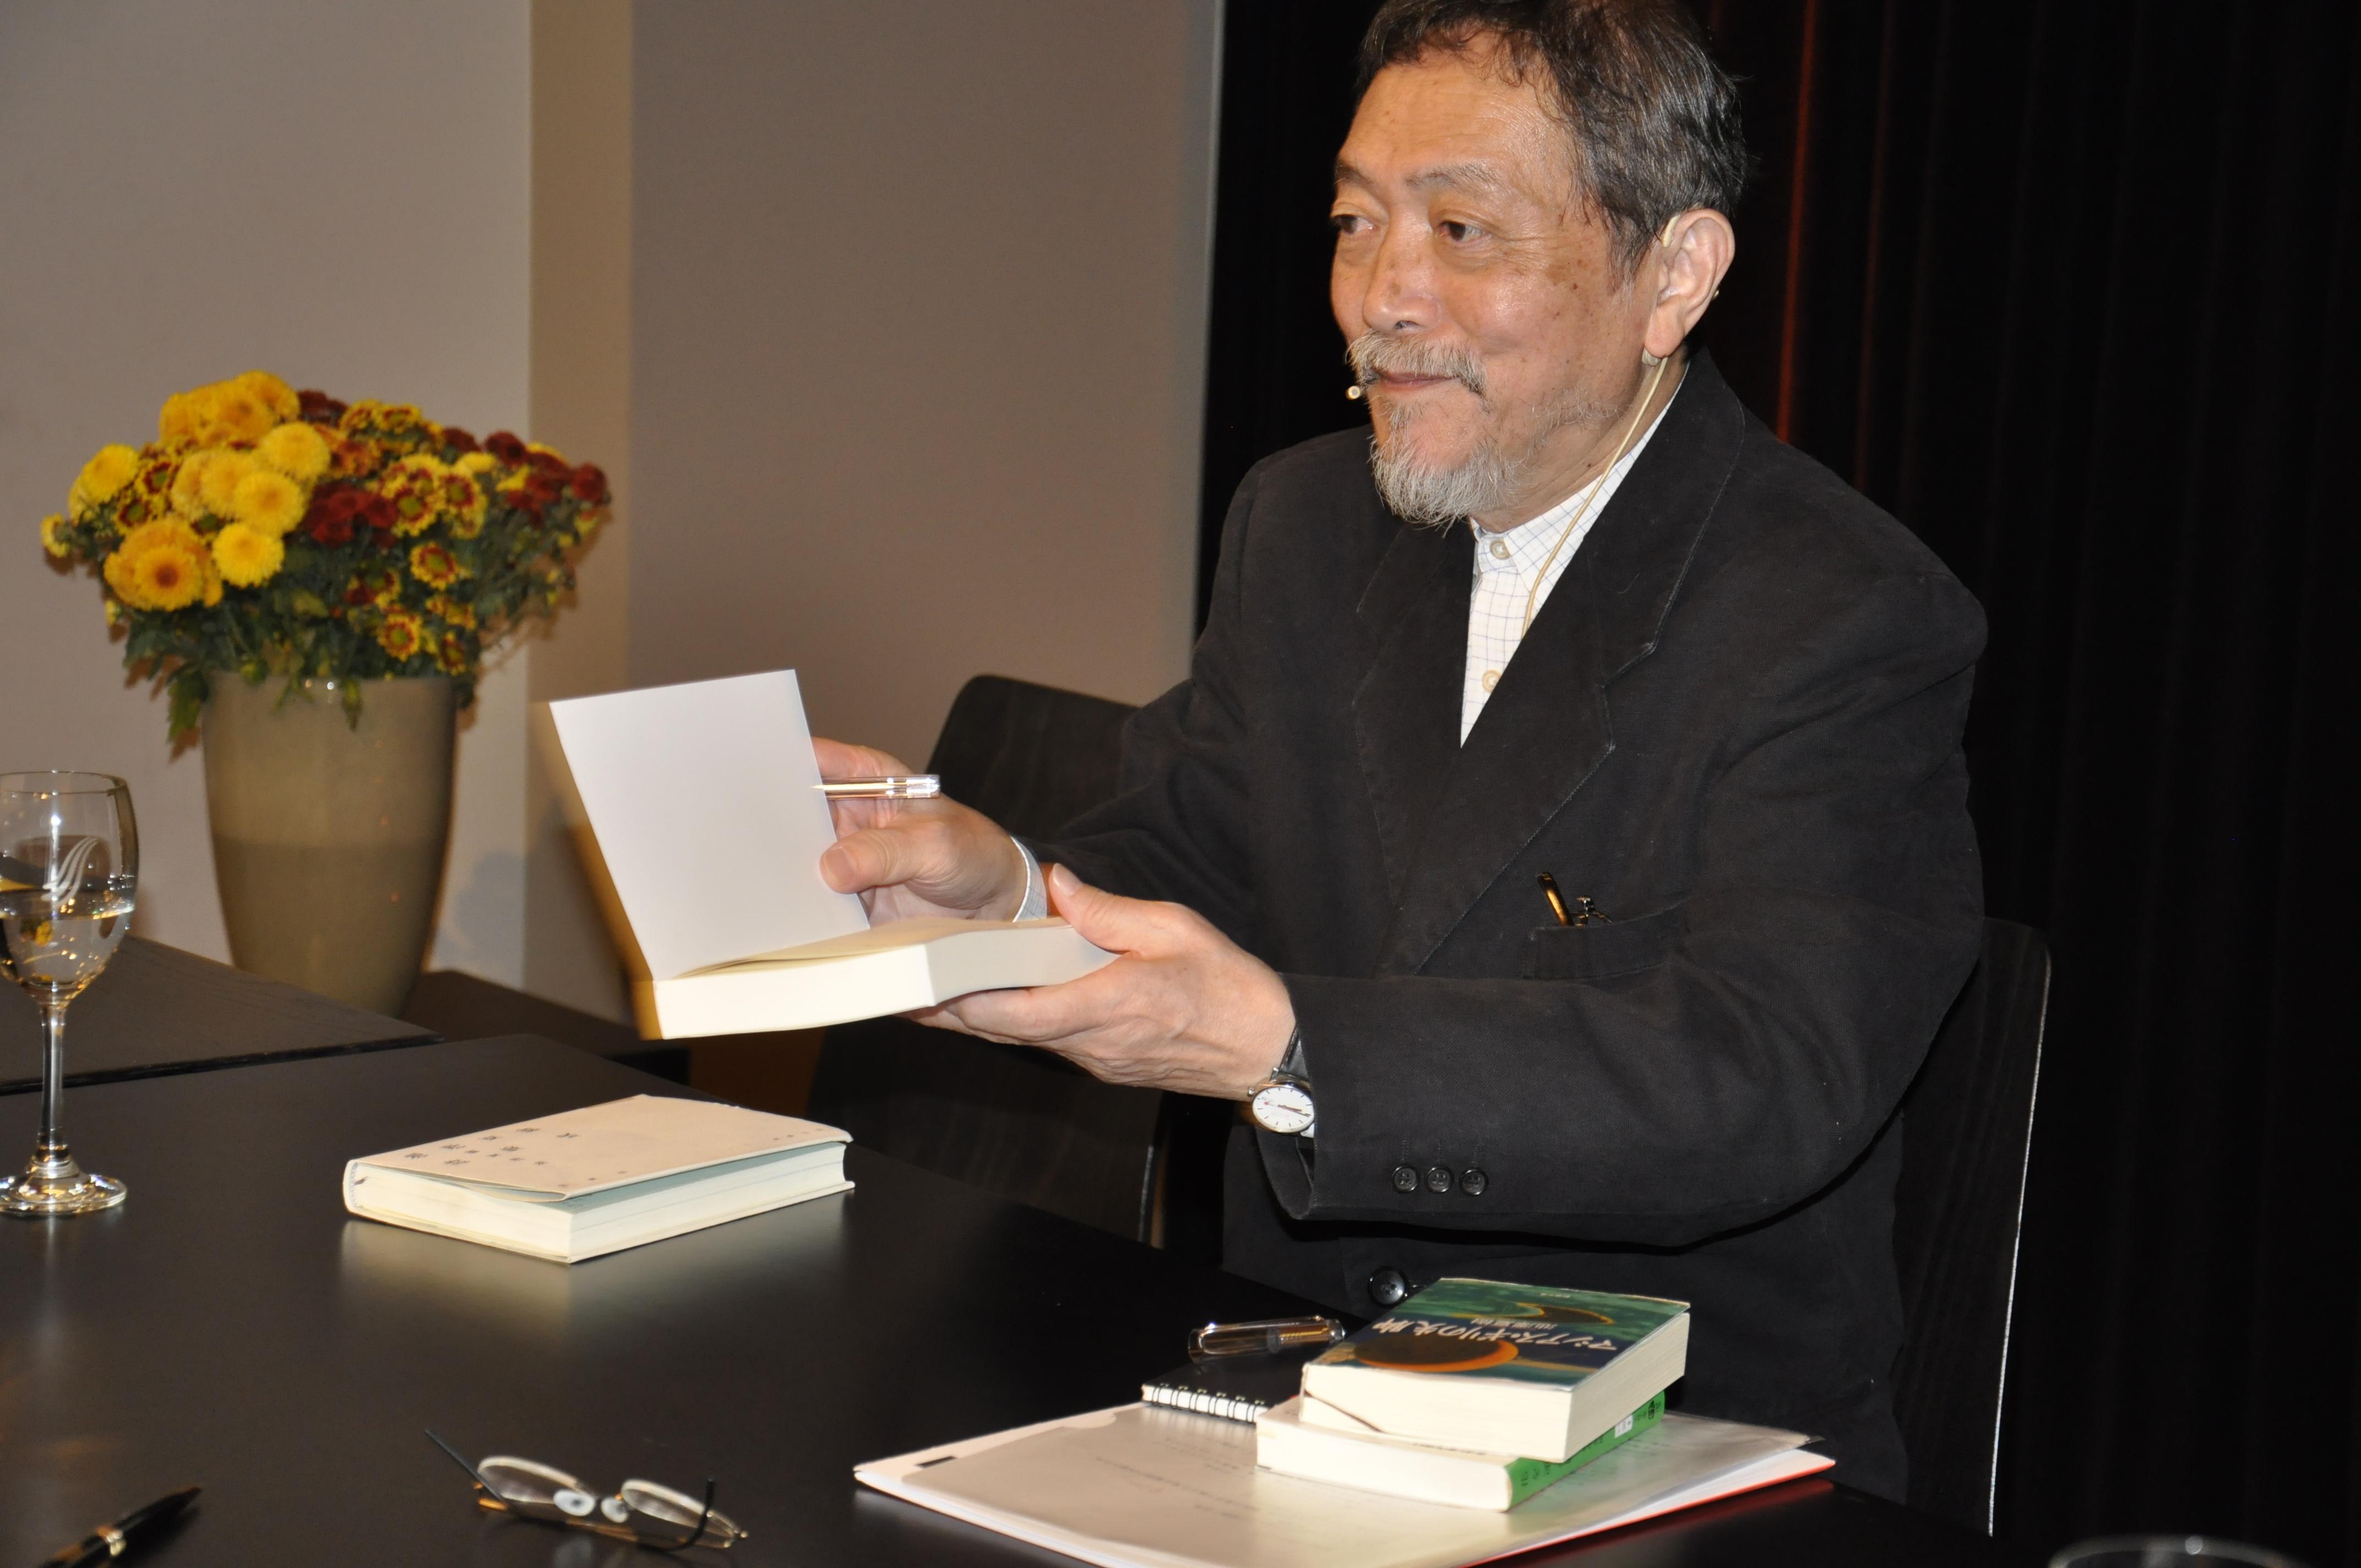 Natsuki Ikezawa im Literaturhaus Basel beim Signieren seiner Bücher, 29. Oktober 2014